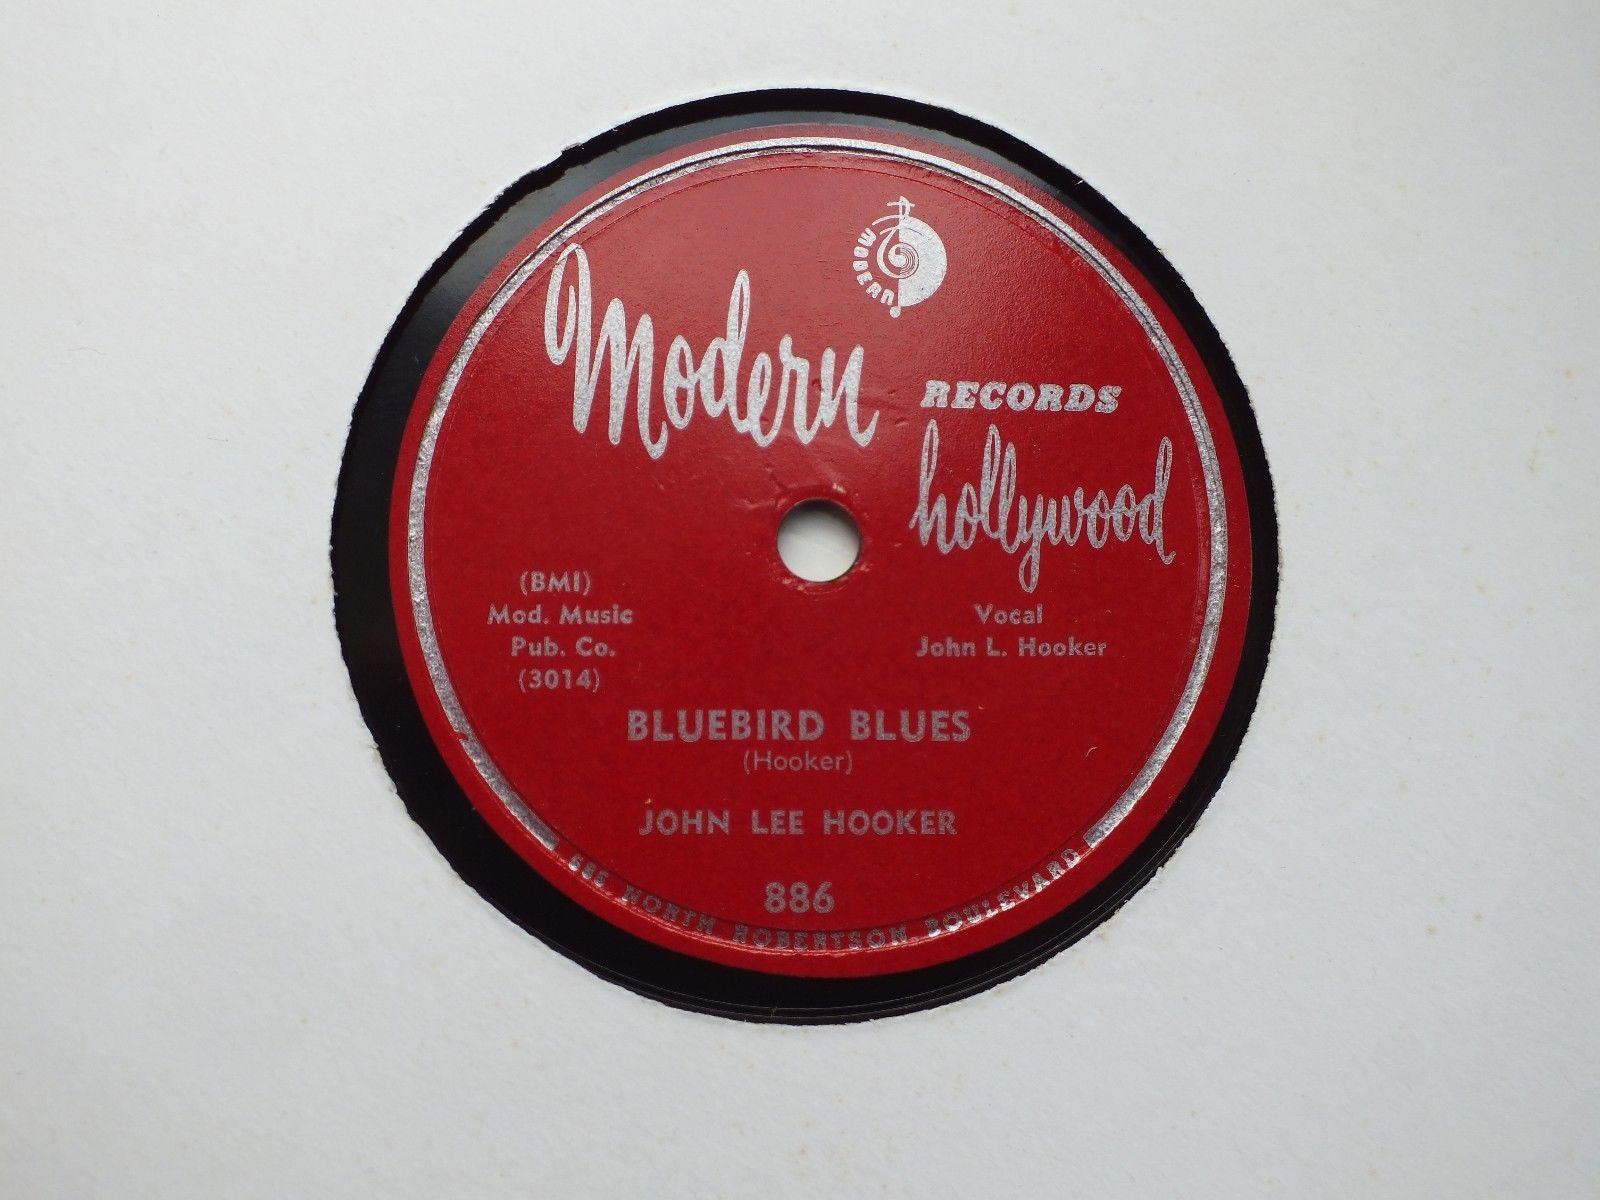 JOHN LEE HOOKER - Bluebird blues/Key to the highway - MODERN 886 - BLUES 78